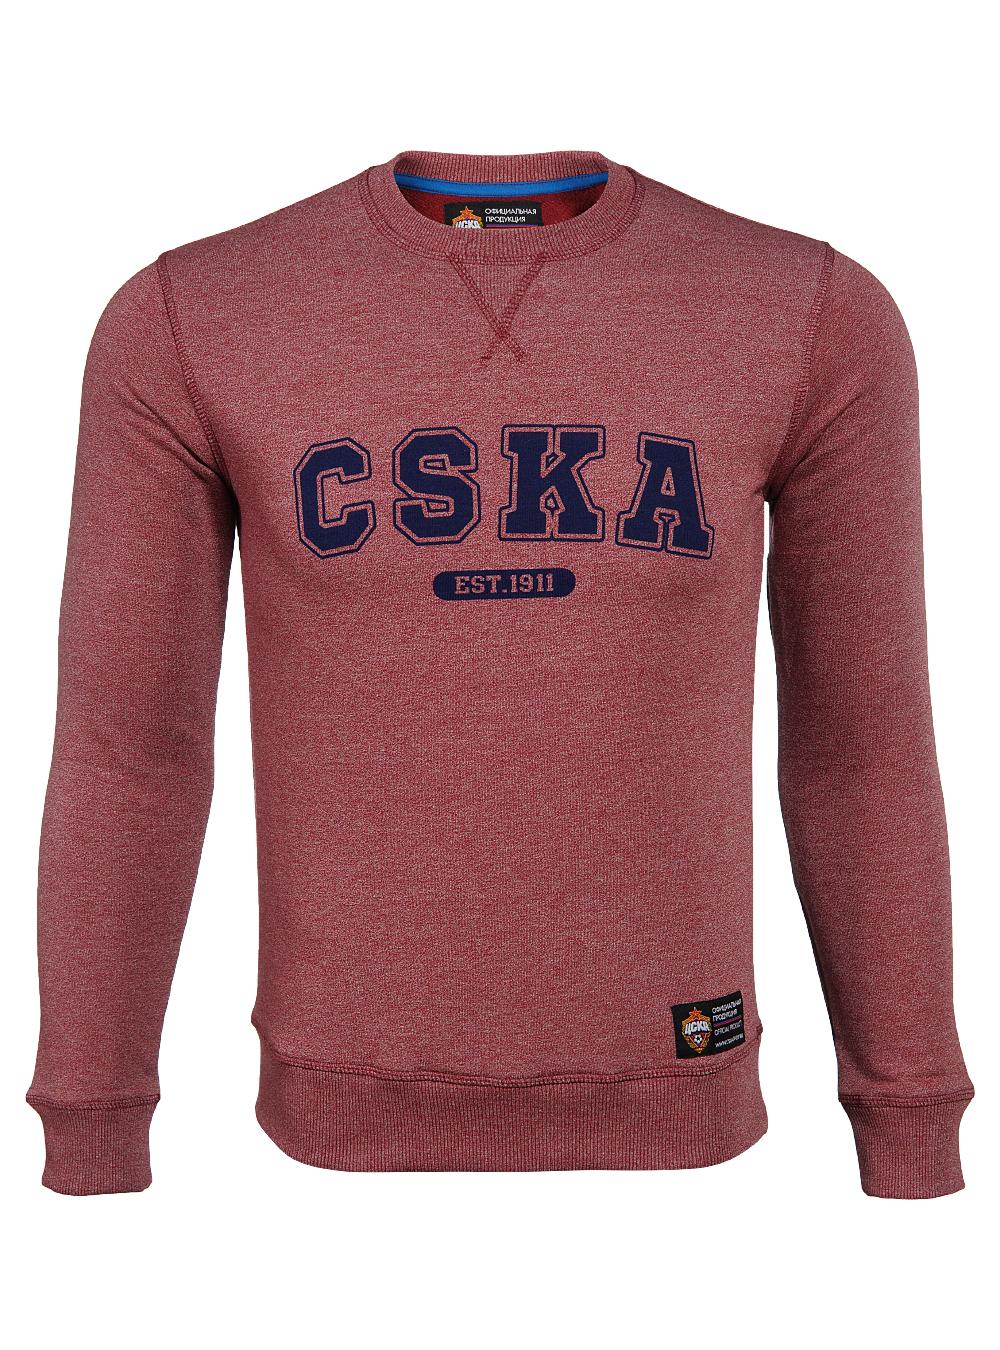 Свитшот CSKA. Est 1911, цвет бордовый (XXL)Толстовки мужские<br>Свитшот CSKA. Est 1911, цвет бордовый<br>